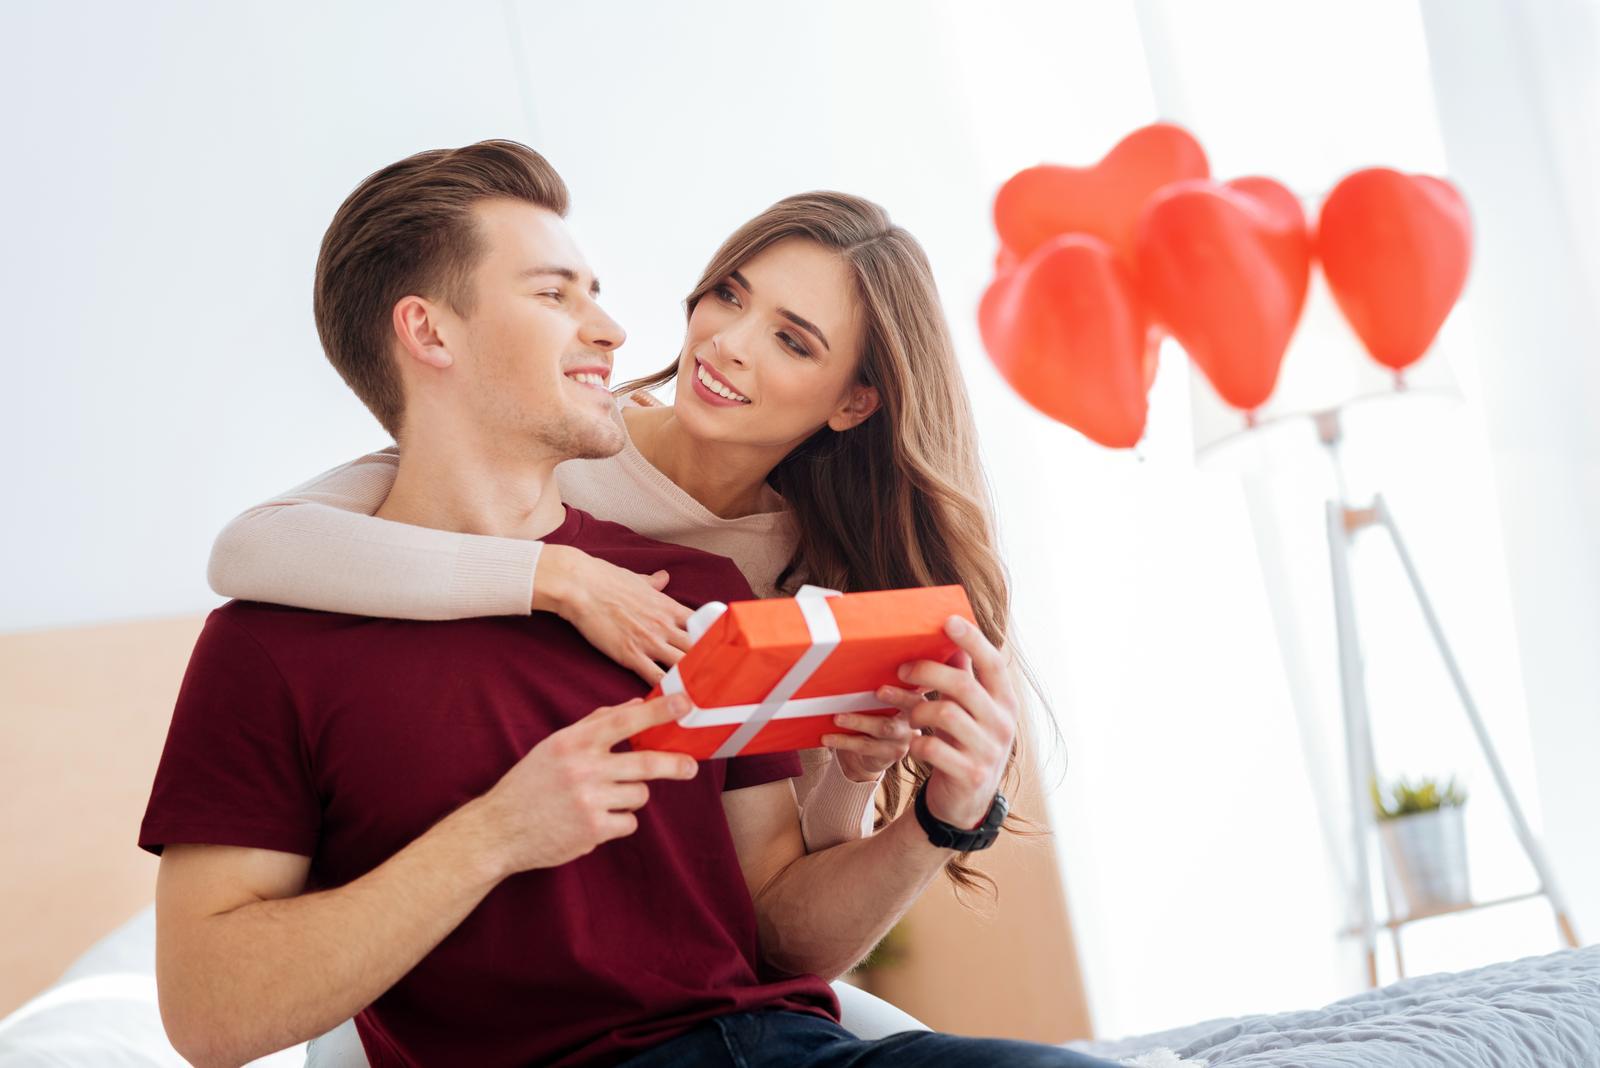 Baby, oslavujete Valentín? Čo ste si pre svojho partnera tento rok pripravili? :) Podeľte sa o svoje tipy, za každú odpoveď posielam valentínske modré srdiečko :) - Obrázok č. 1